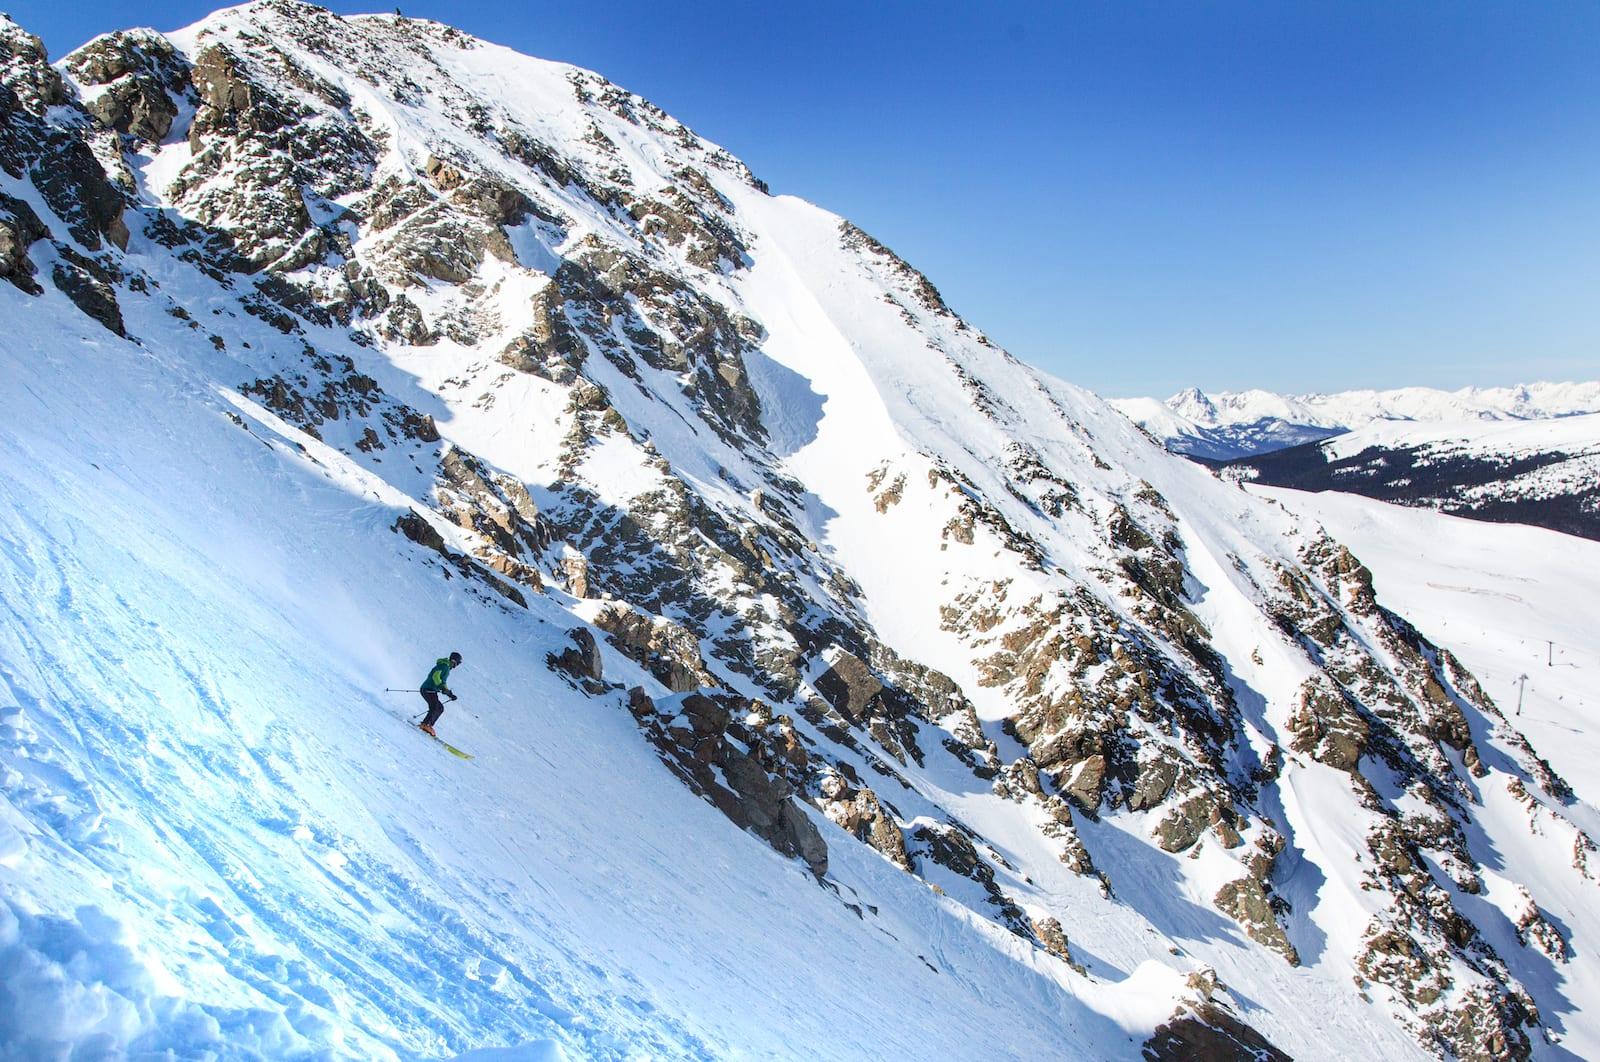 Arapahoe Basin Ski Area, CO